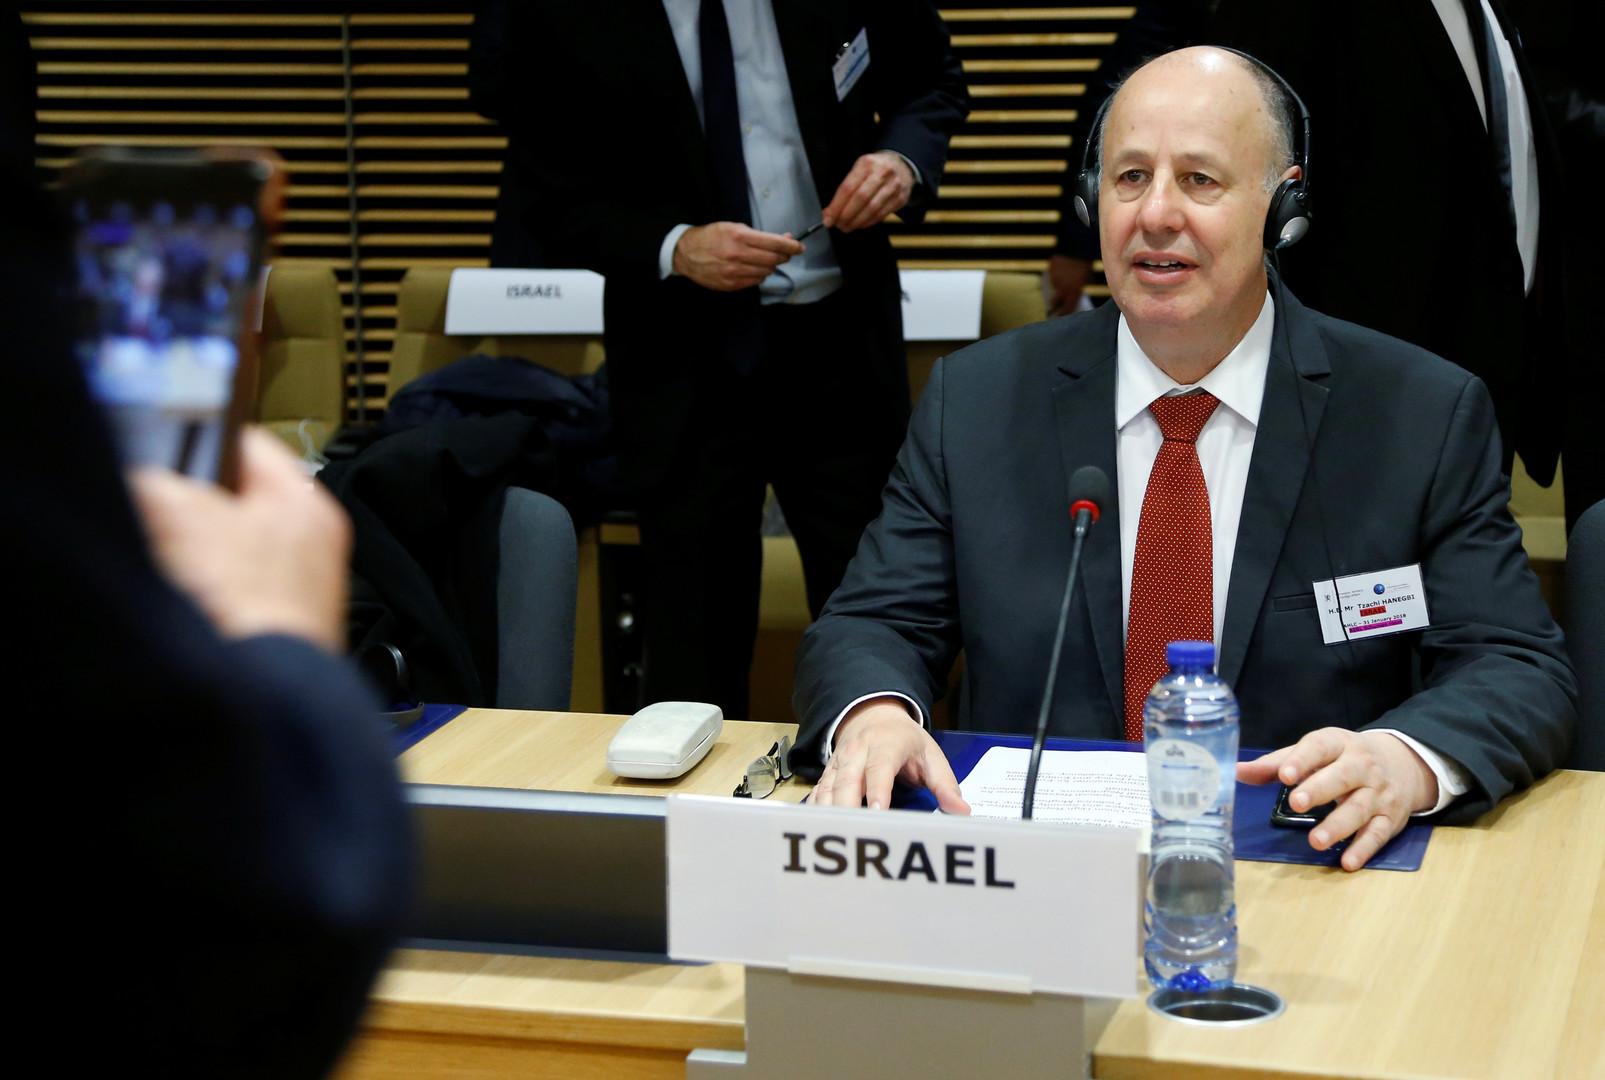 وزير إسرائيلي: التطورات في سوريا جزء صغير من مواجهة عسكرية مباشرة بيننا وإيران